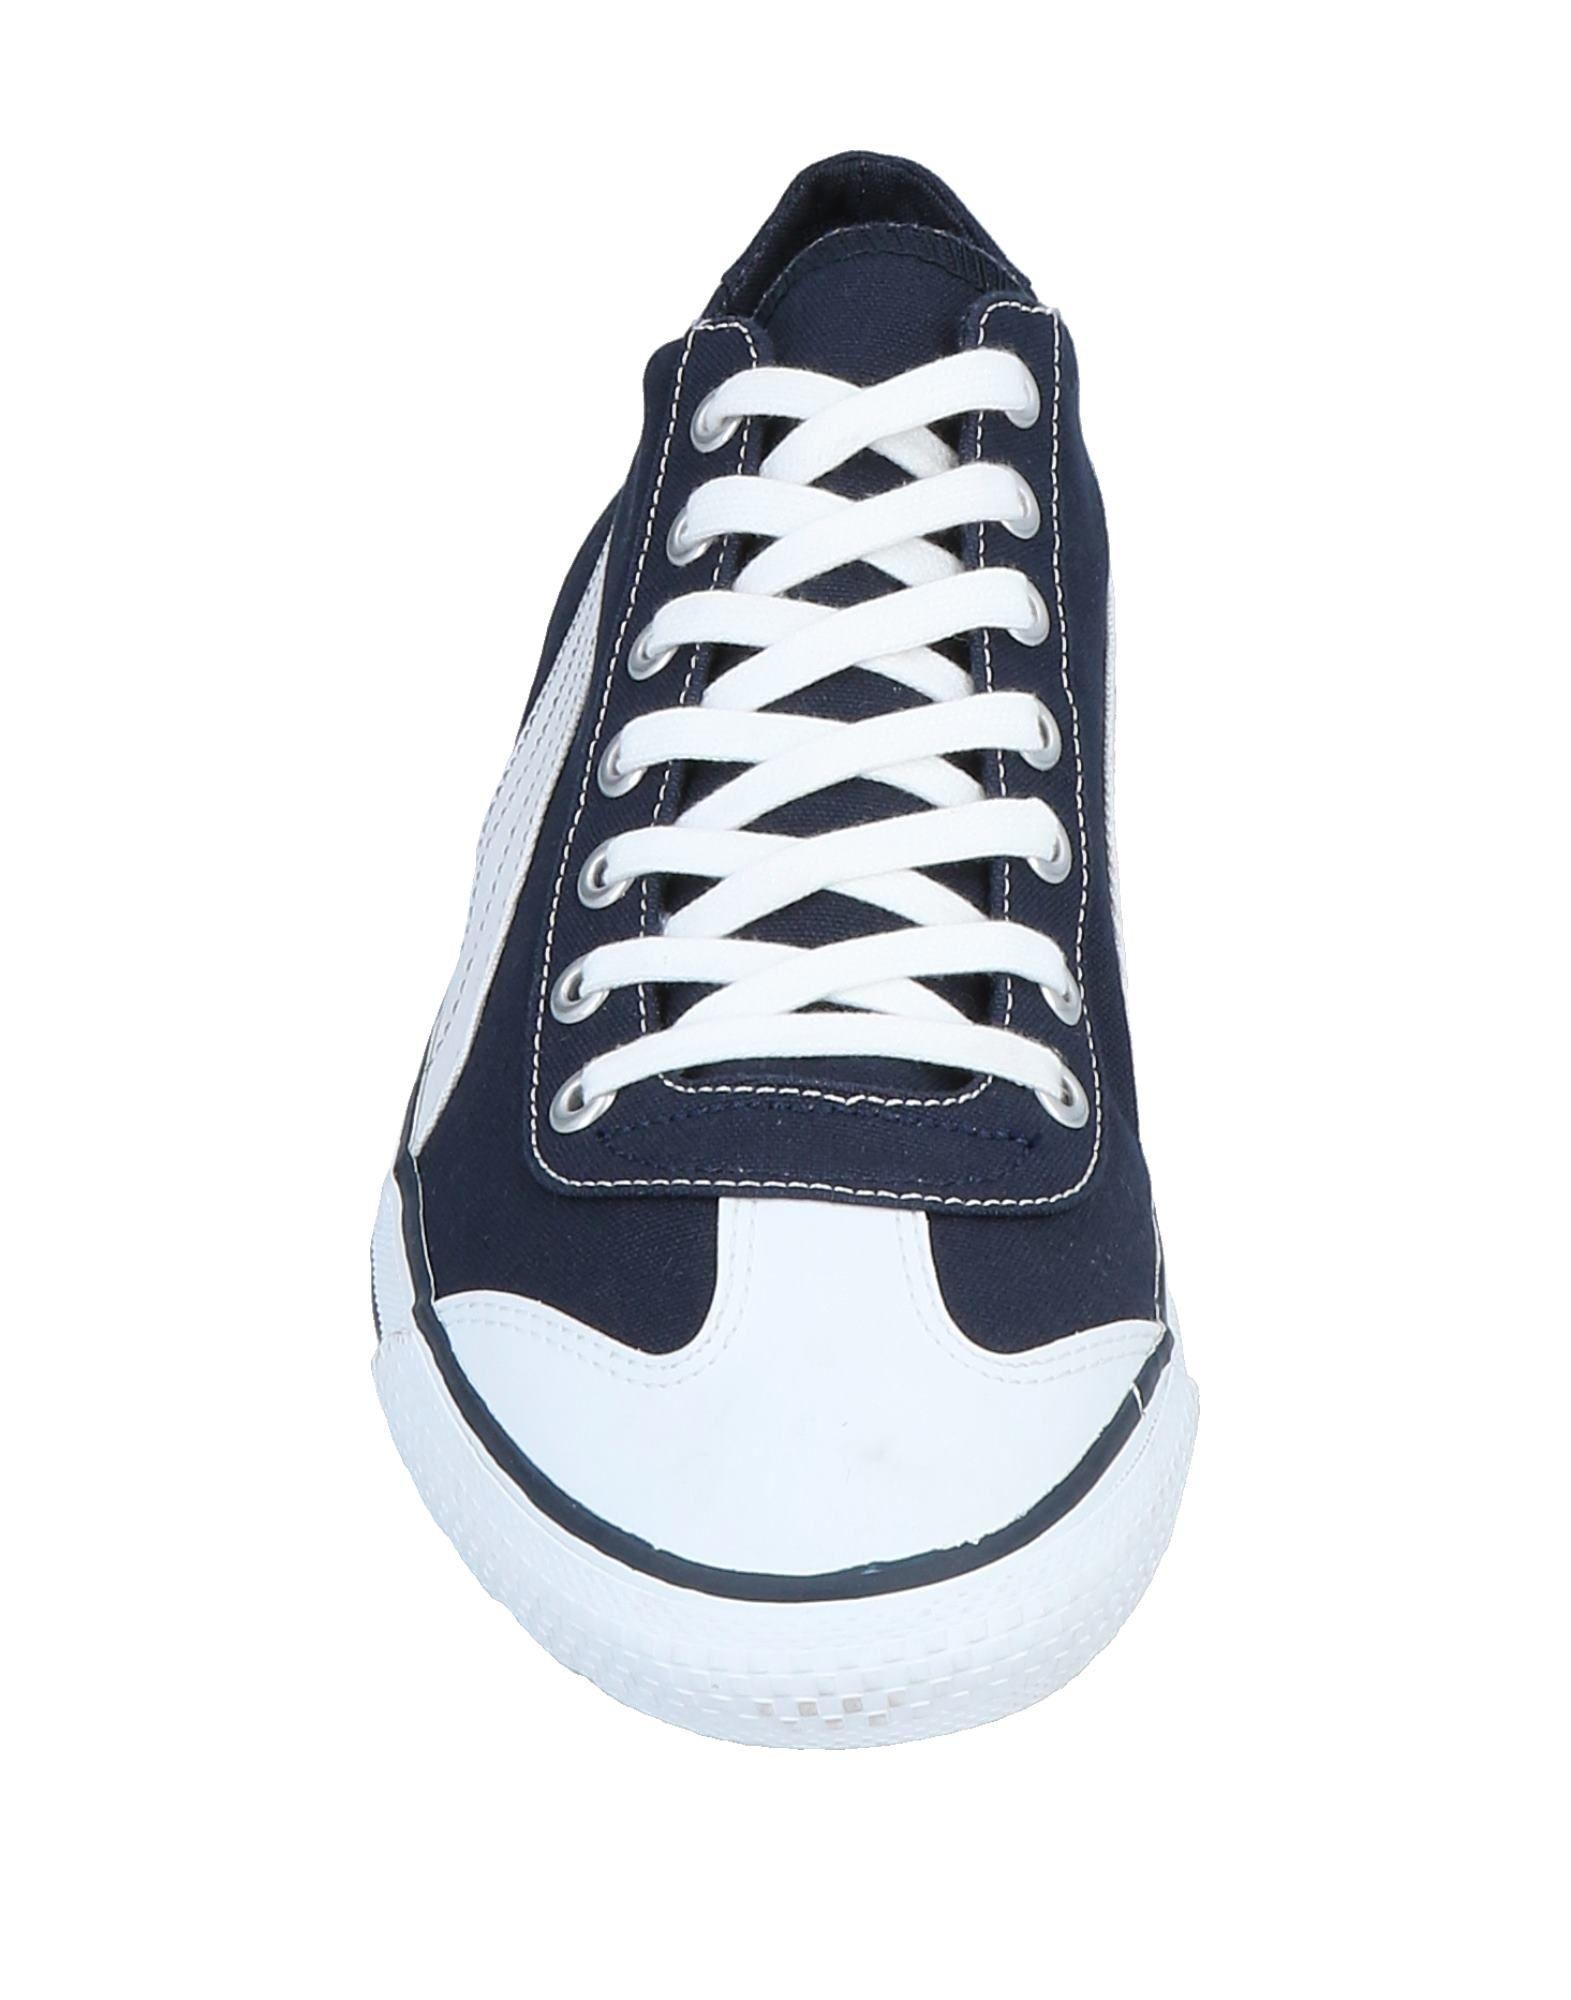 Rabatt echte Schuhe Herren Puma Sneakers Herren Schuhe  11572874AU e97104